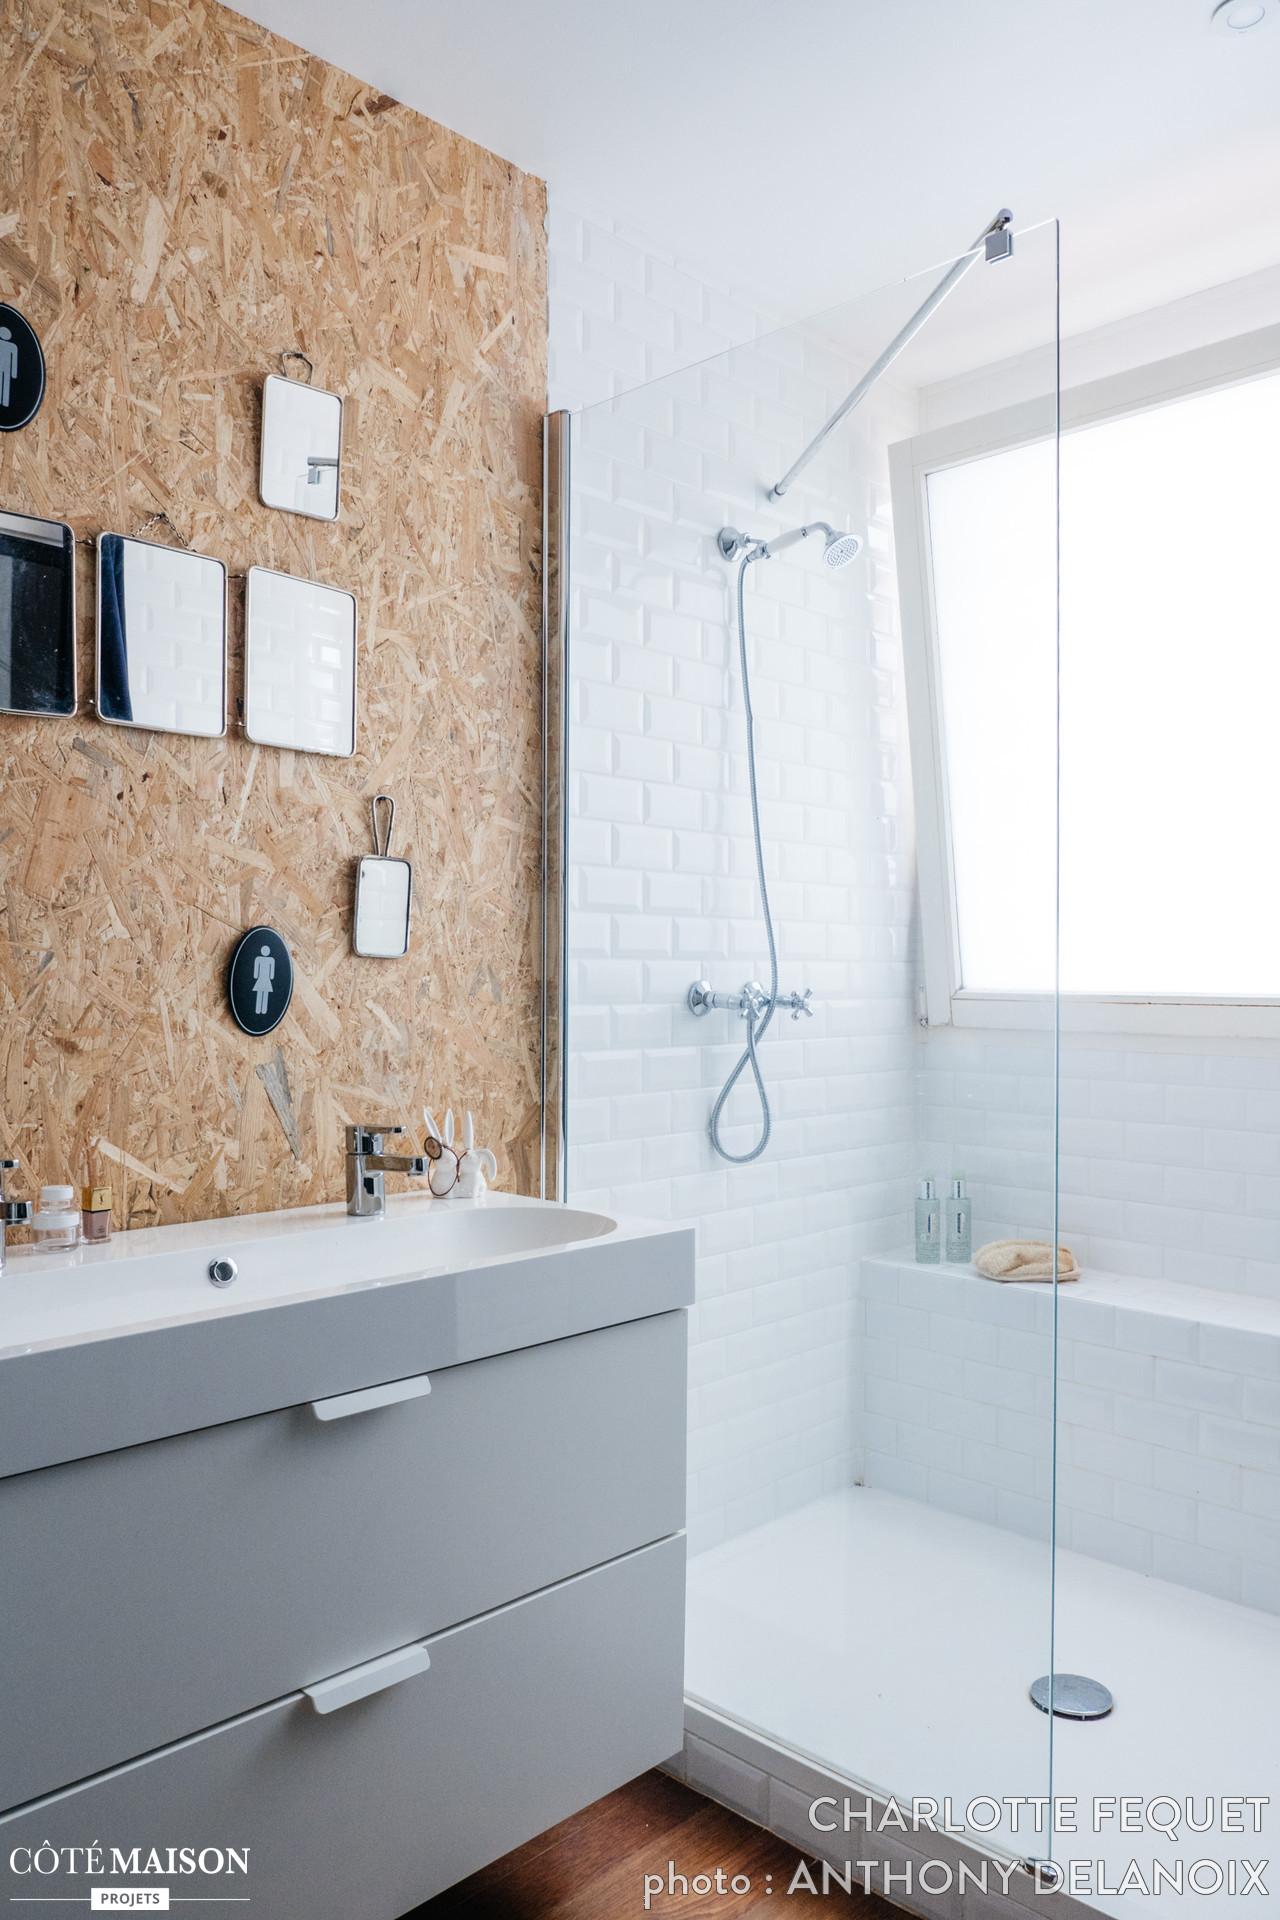 Stunning Hippe Badkamers Ideas - House Design Ideas 2018 - gunsho.us